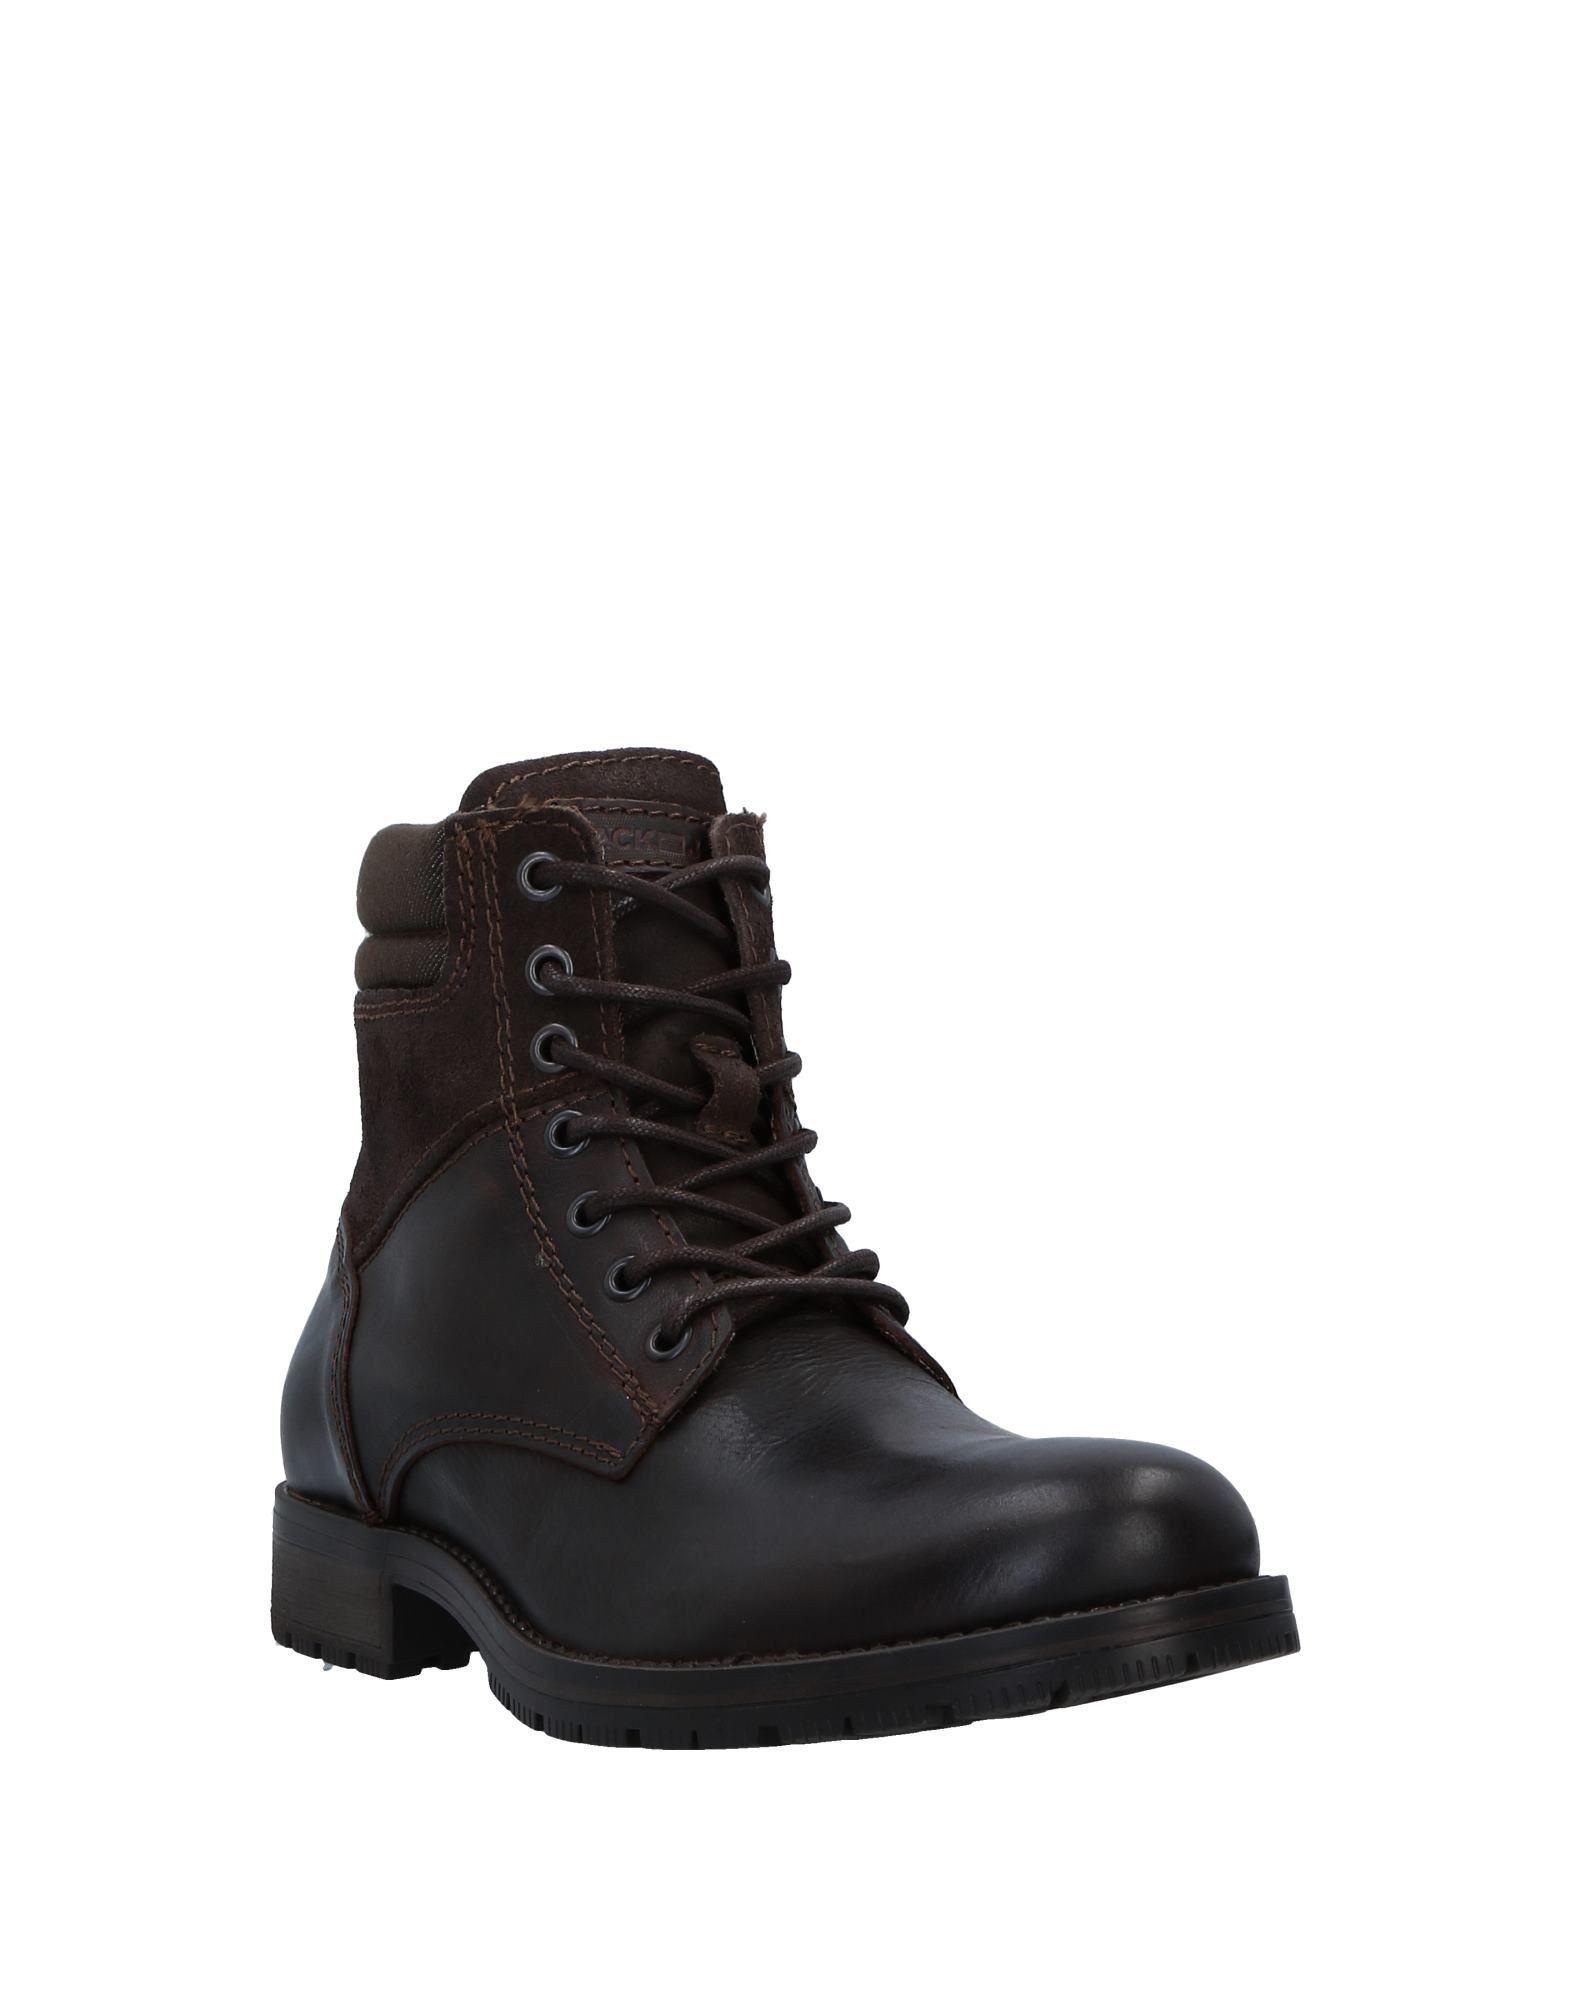 Rabatt echte Schuhe Herren Jack & Jones Stiefelette Herren Schuhe  11543686DJ ae7891